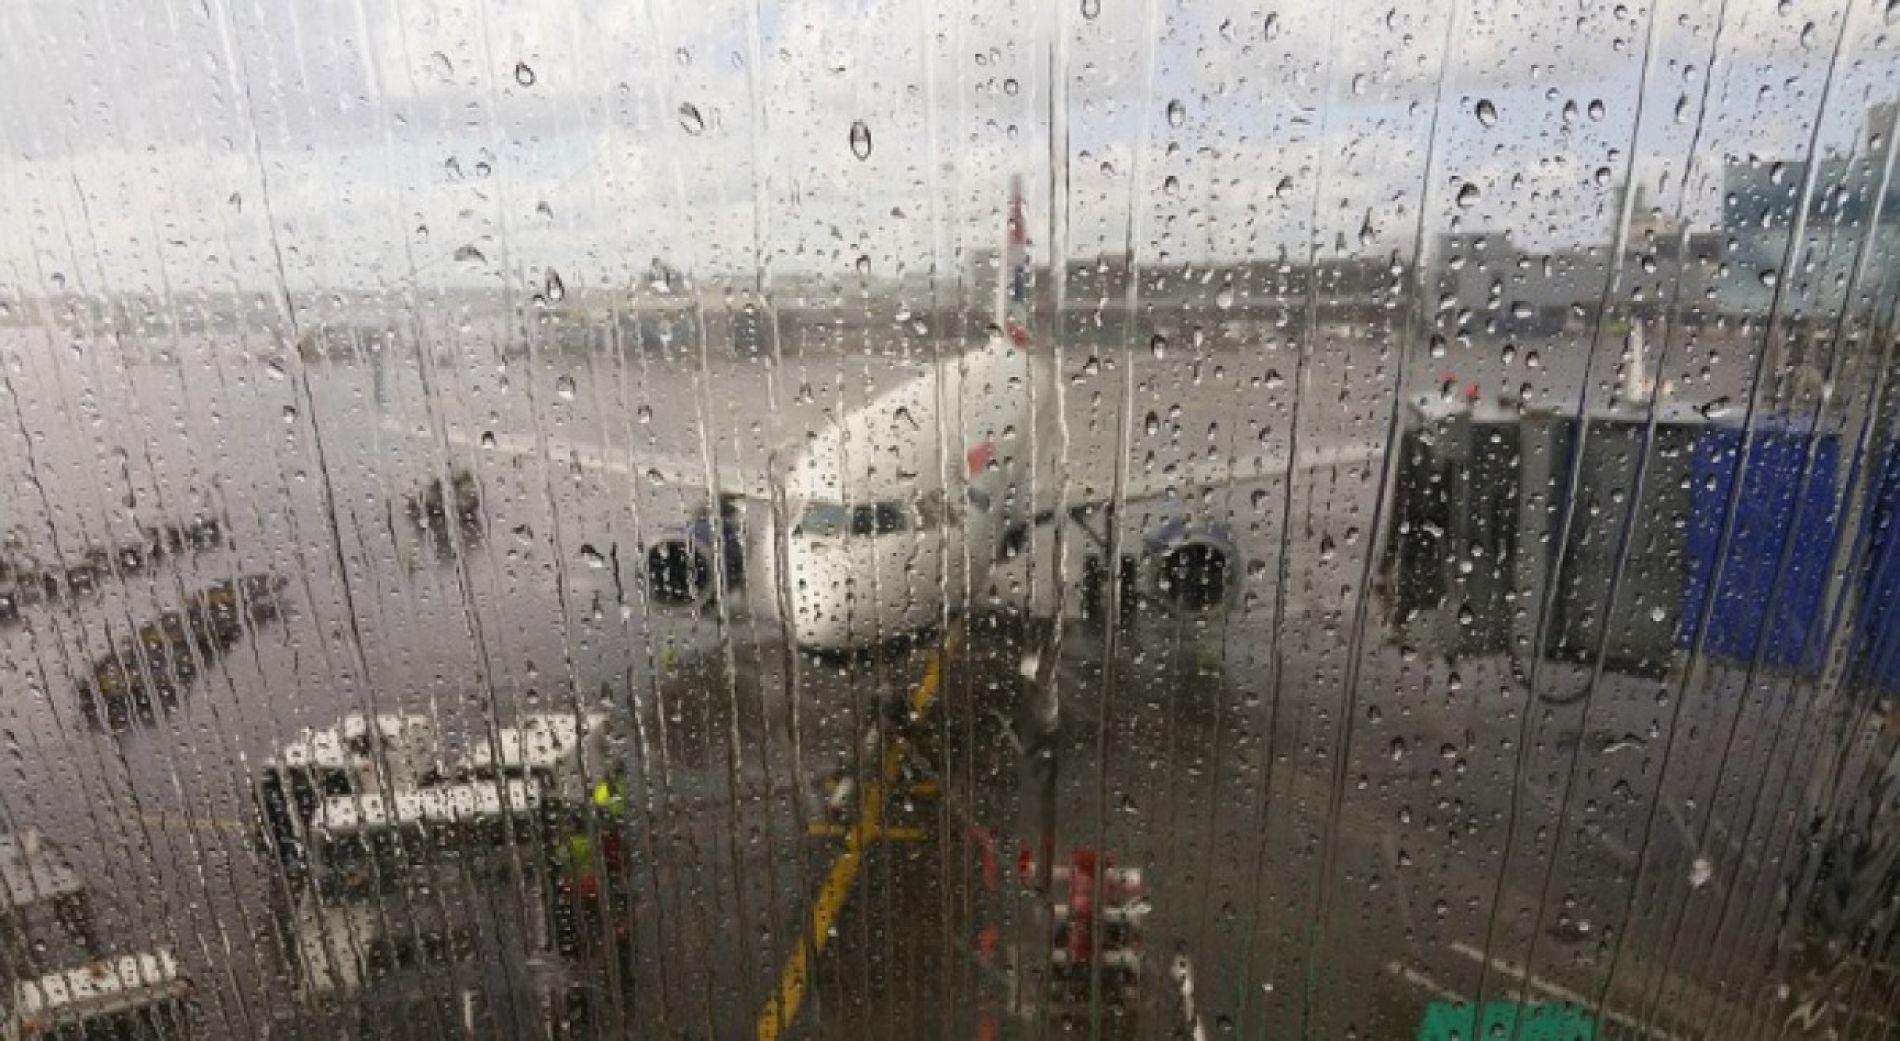 Отмена полетов и беспокойство туристов в аэропорту Бургаса